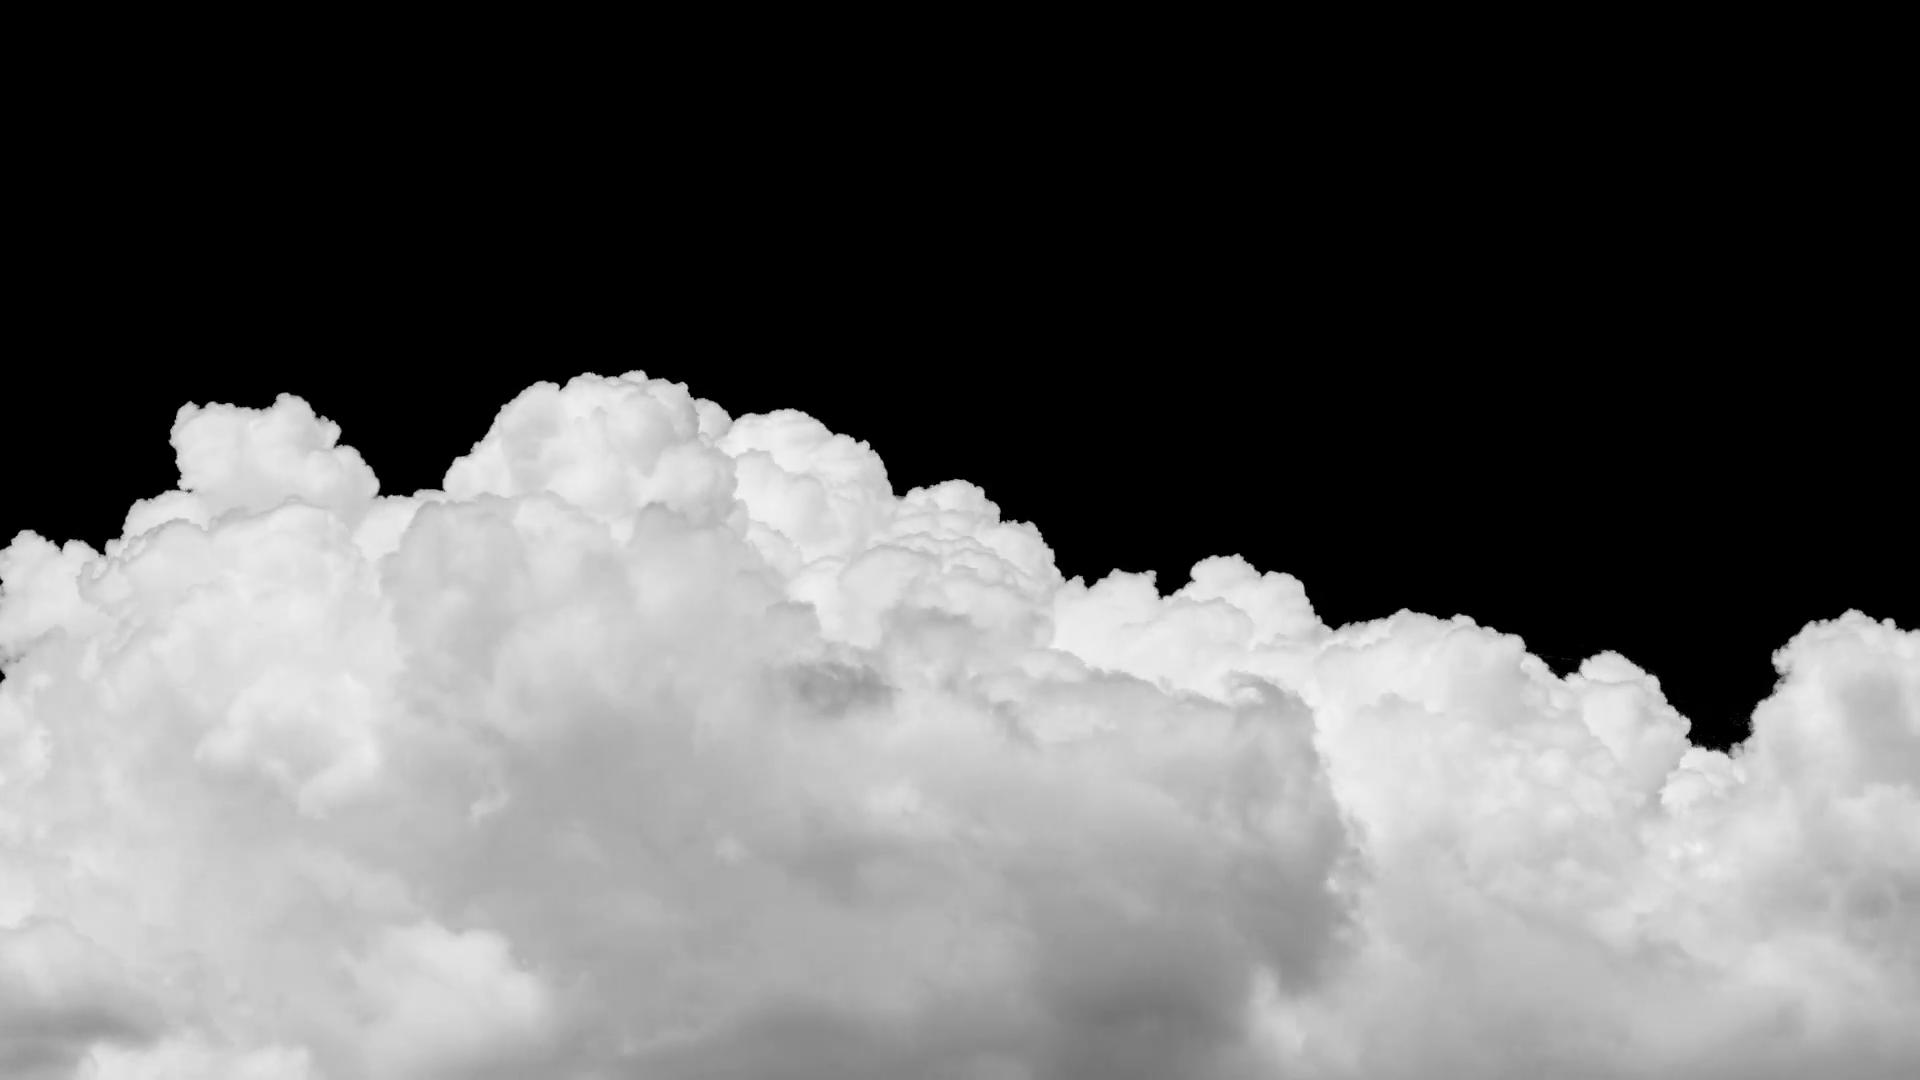 Cloud HD PNG - 92133